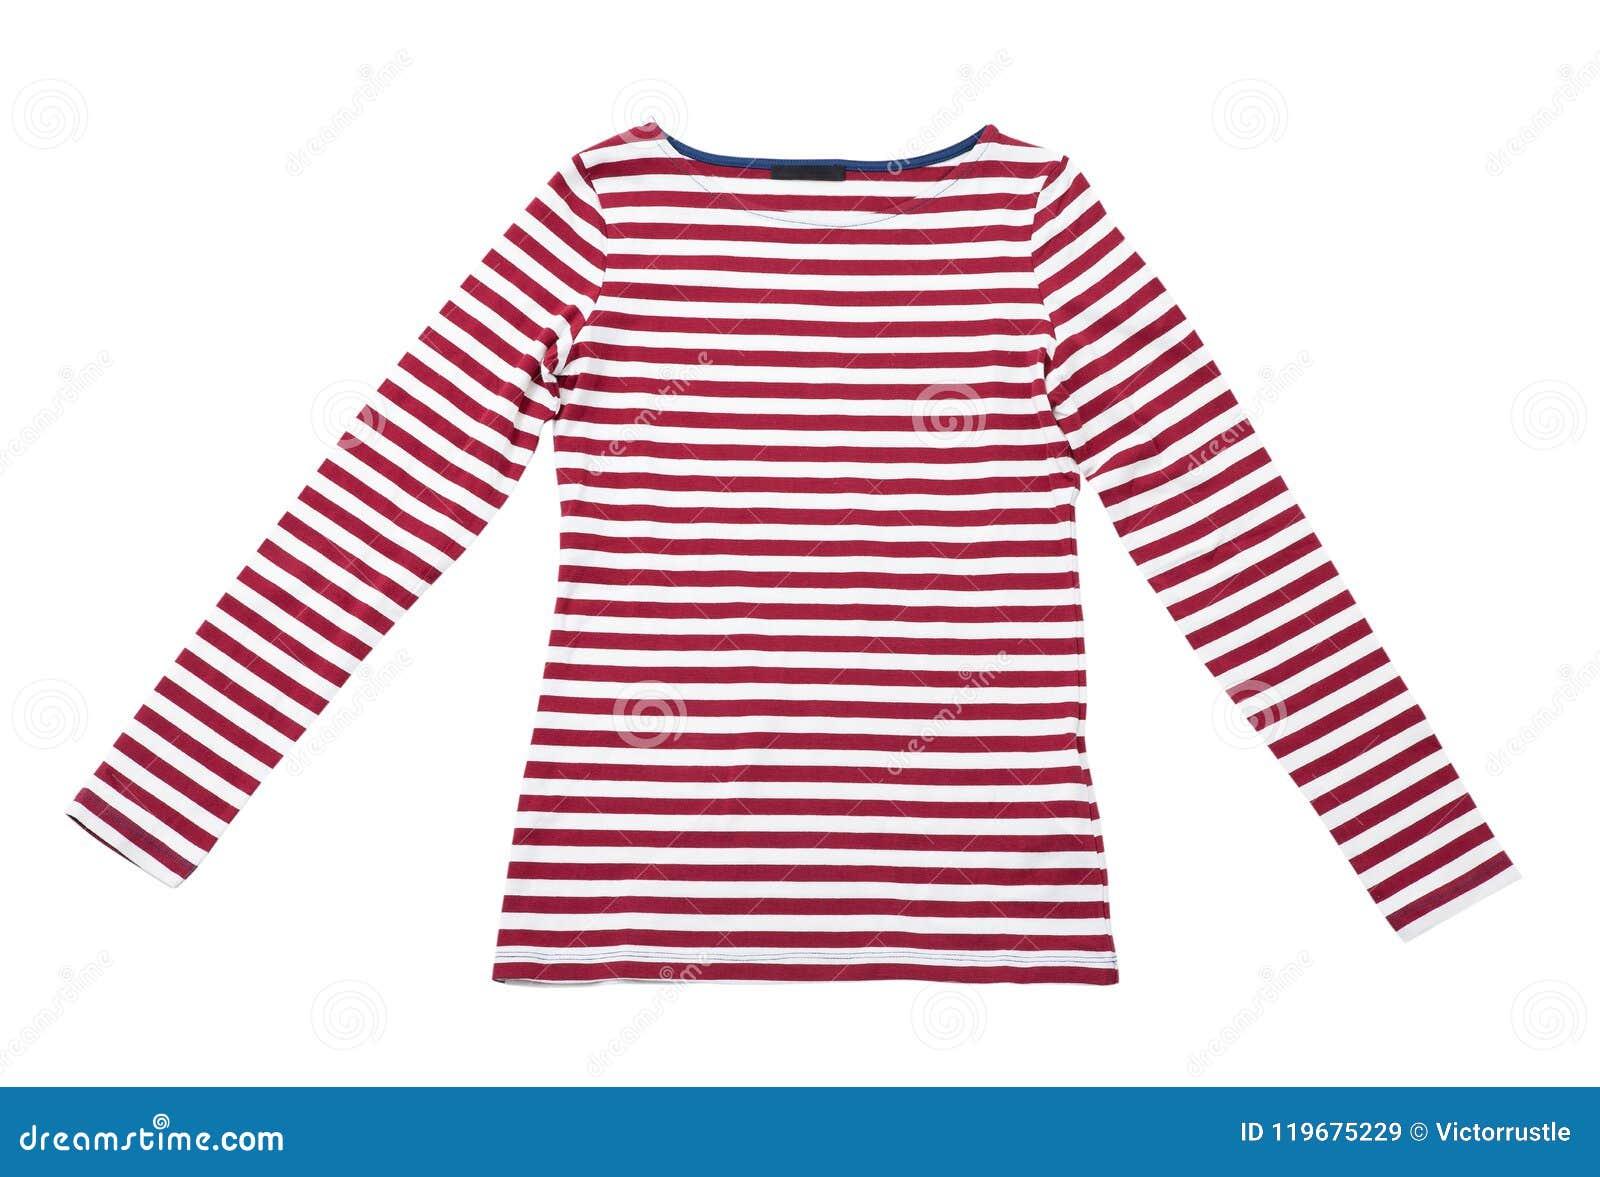 d1478b6547a Το καλοκαίρι γυναικών ντύνει την κόκκινη ριγωτή μπλούζα πόλο που ...